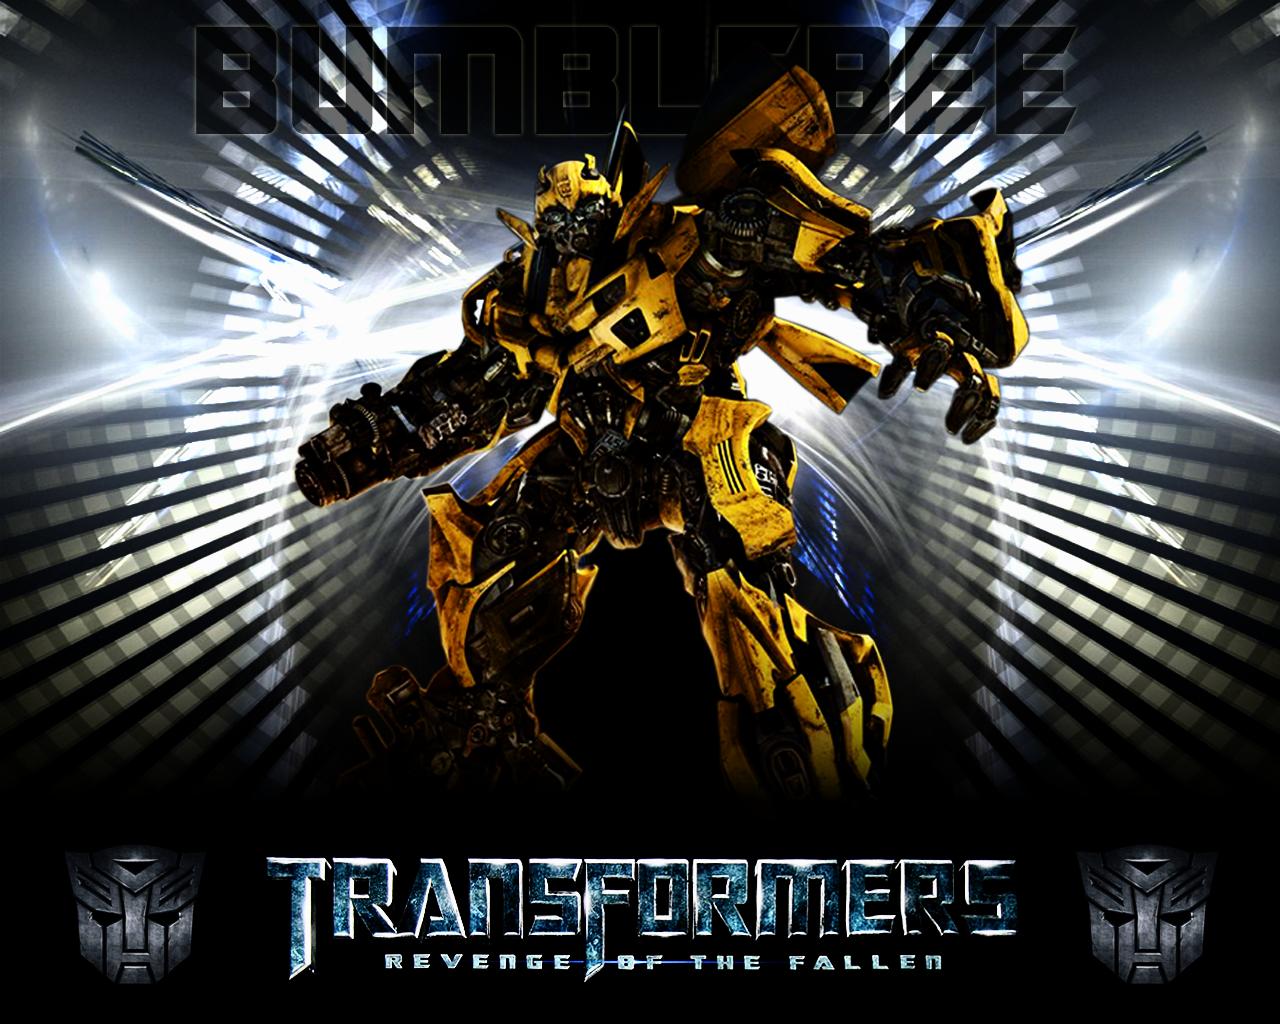 http://1.bp.blogspot.com/-BldEPgwSlw0/Txm049HCddI/AAAAAAAAAEk/VSf0BpEPOFw/s1600/Transformers_2_Bumblebee_by_CrossDominatriX5.png